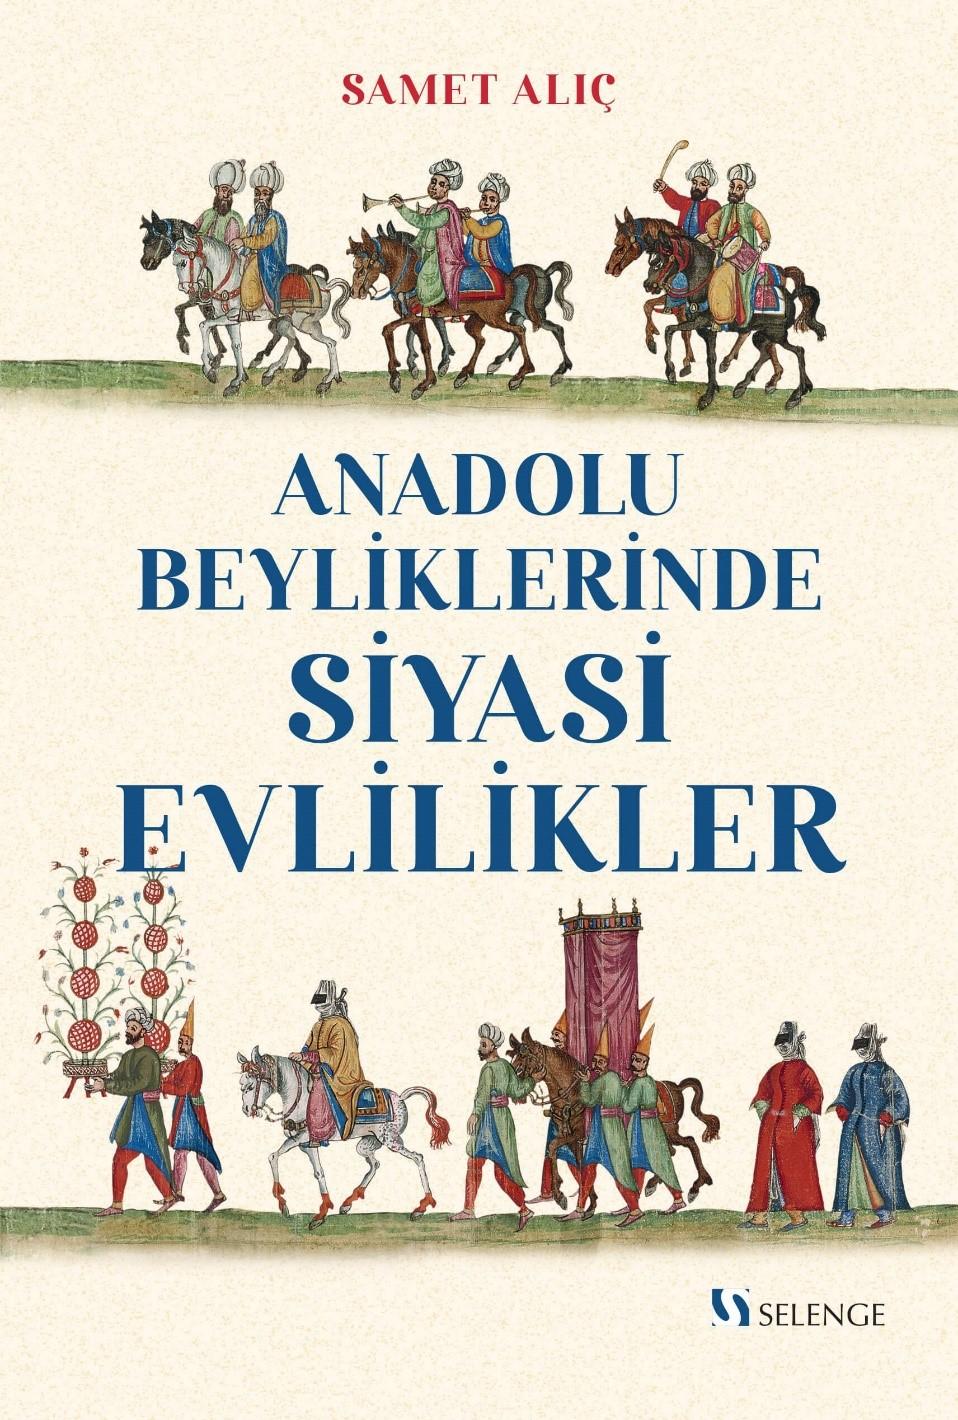 Anadolu Beyliklerinde Siyasi Evlilikler